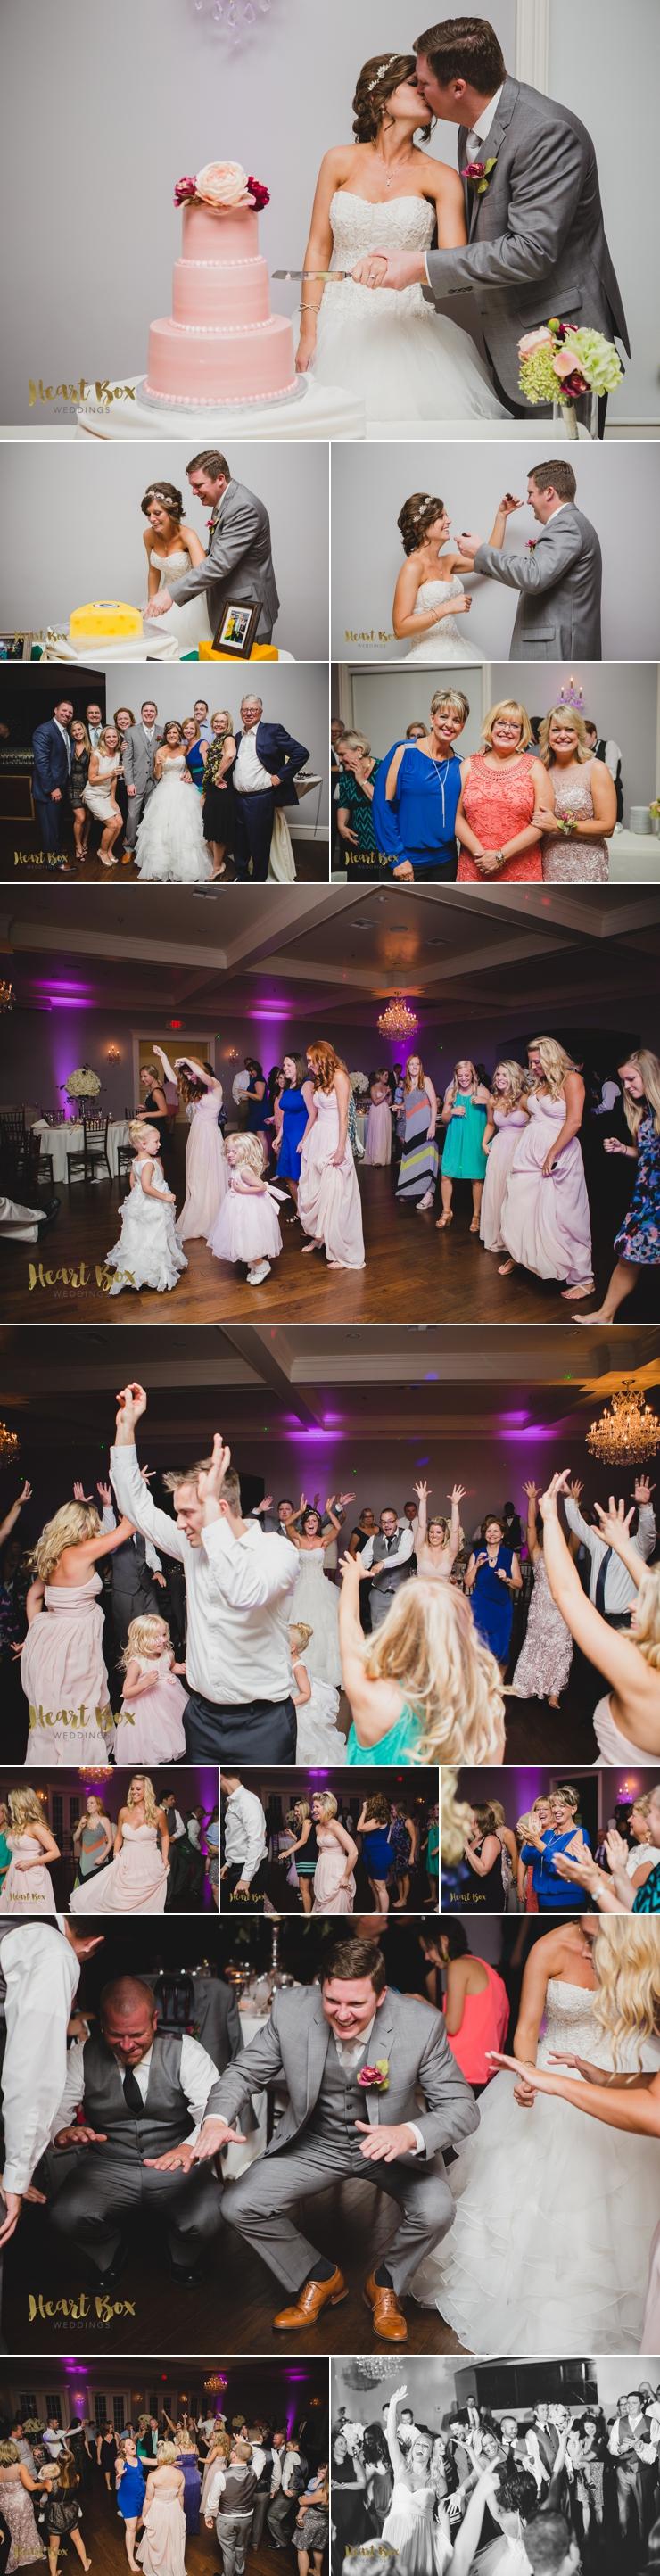 Wishon Wedding Blog Collages 21.jpg